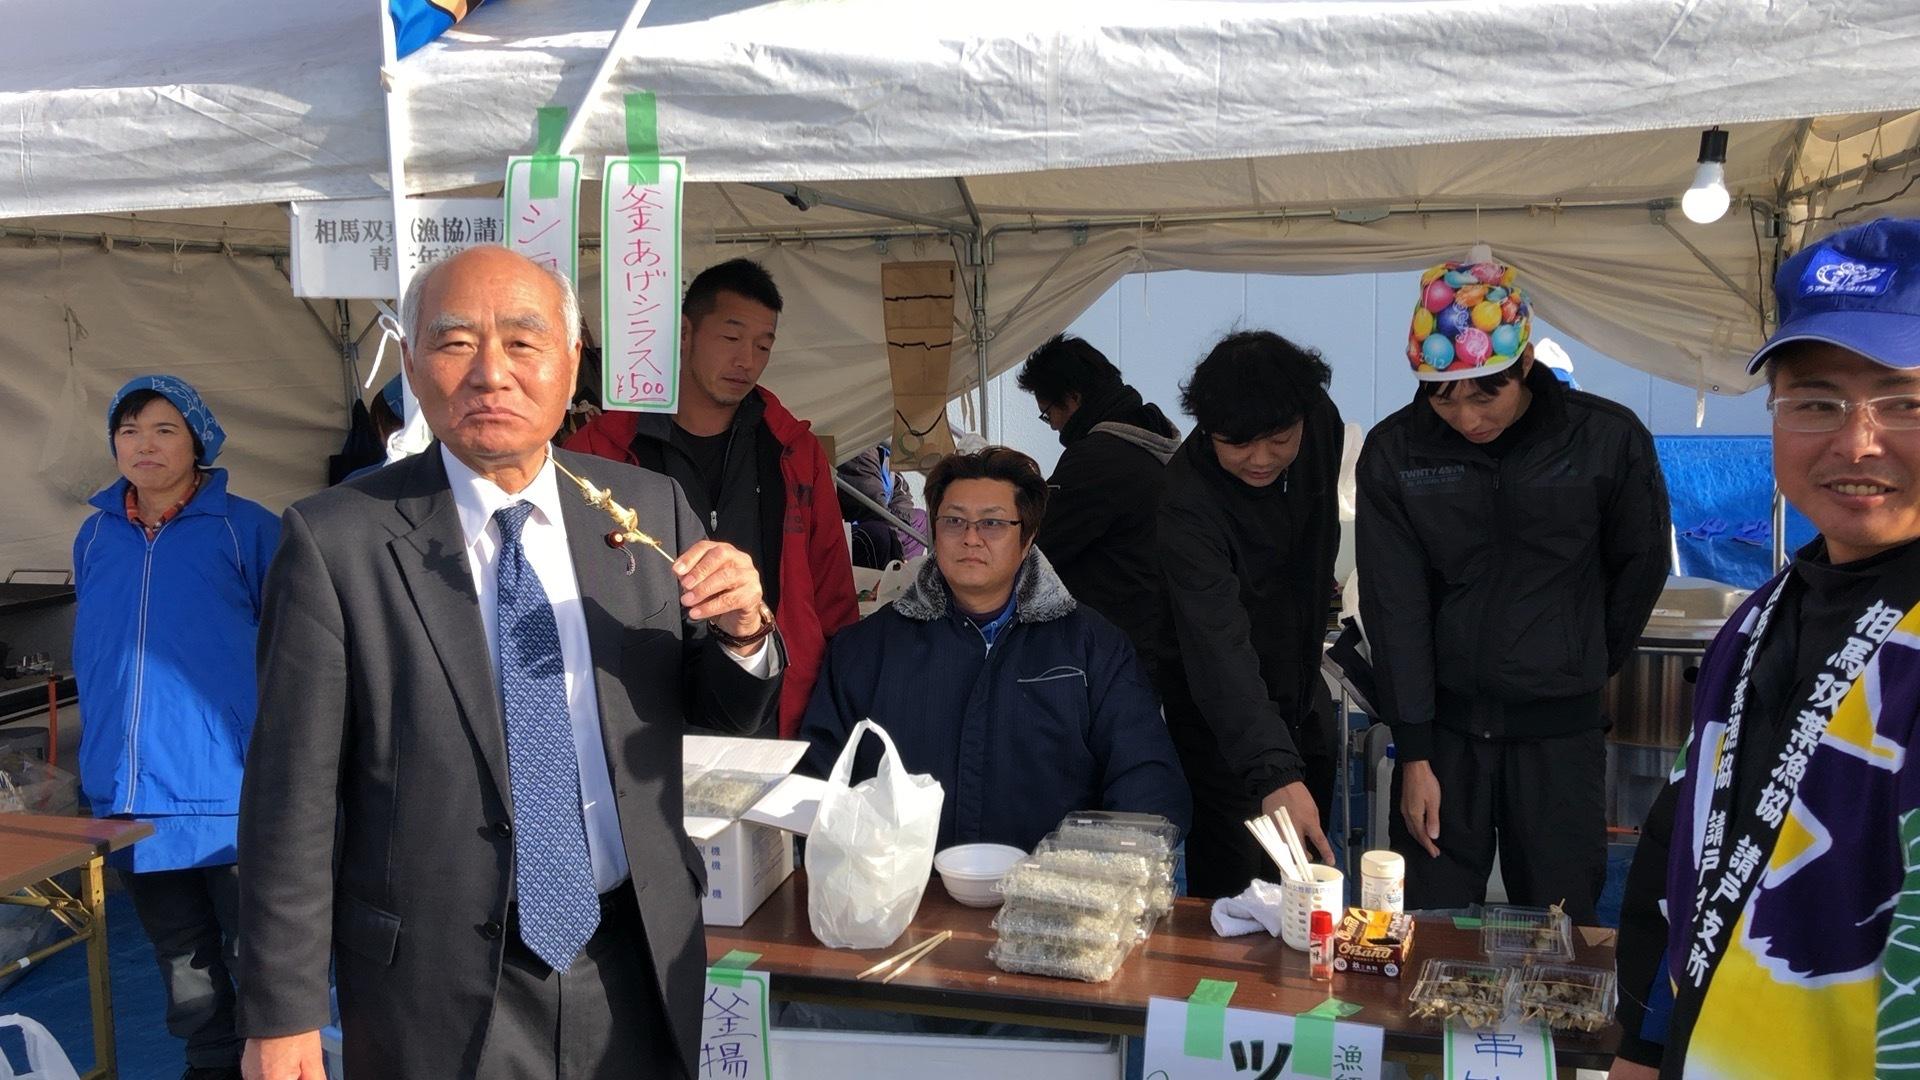 2018.11.24 浪江十日市祭_a0255967_13053906.jpg